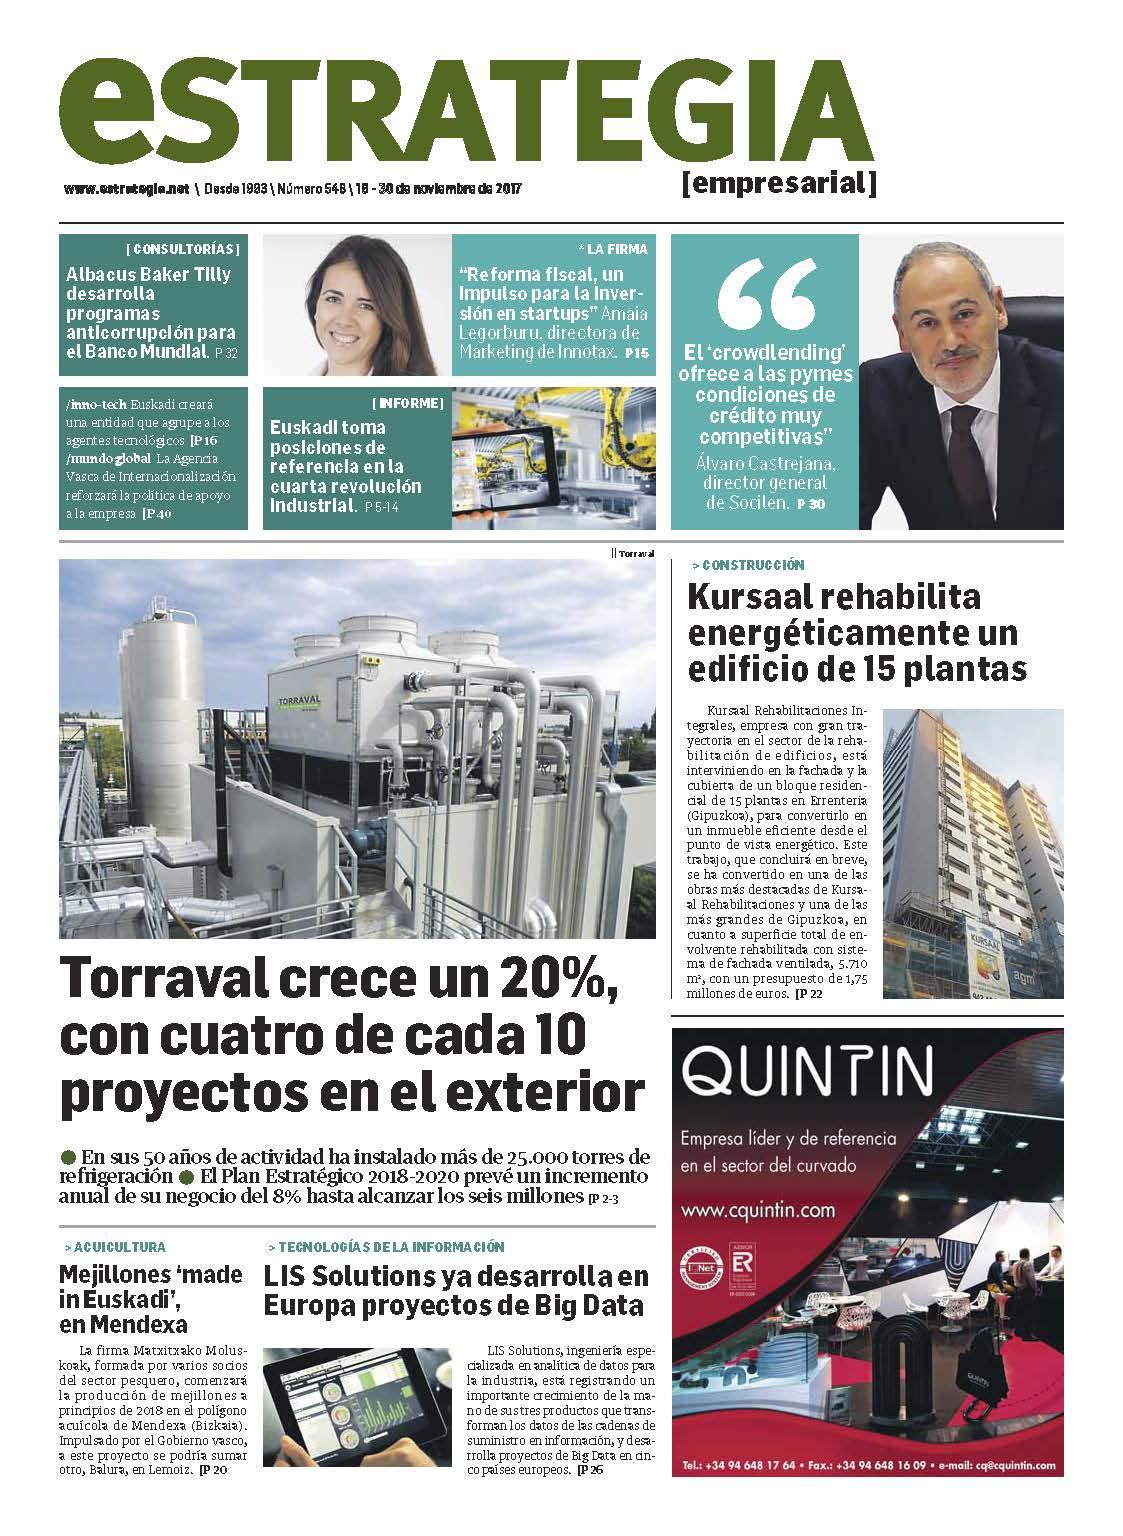 imagen 2 de noticia: artculo-en-estrategia-empresarial-kursaal-convierte-en-eficiente-un-edificio-residencial-de-15-plantas-en-errenteria